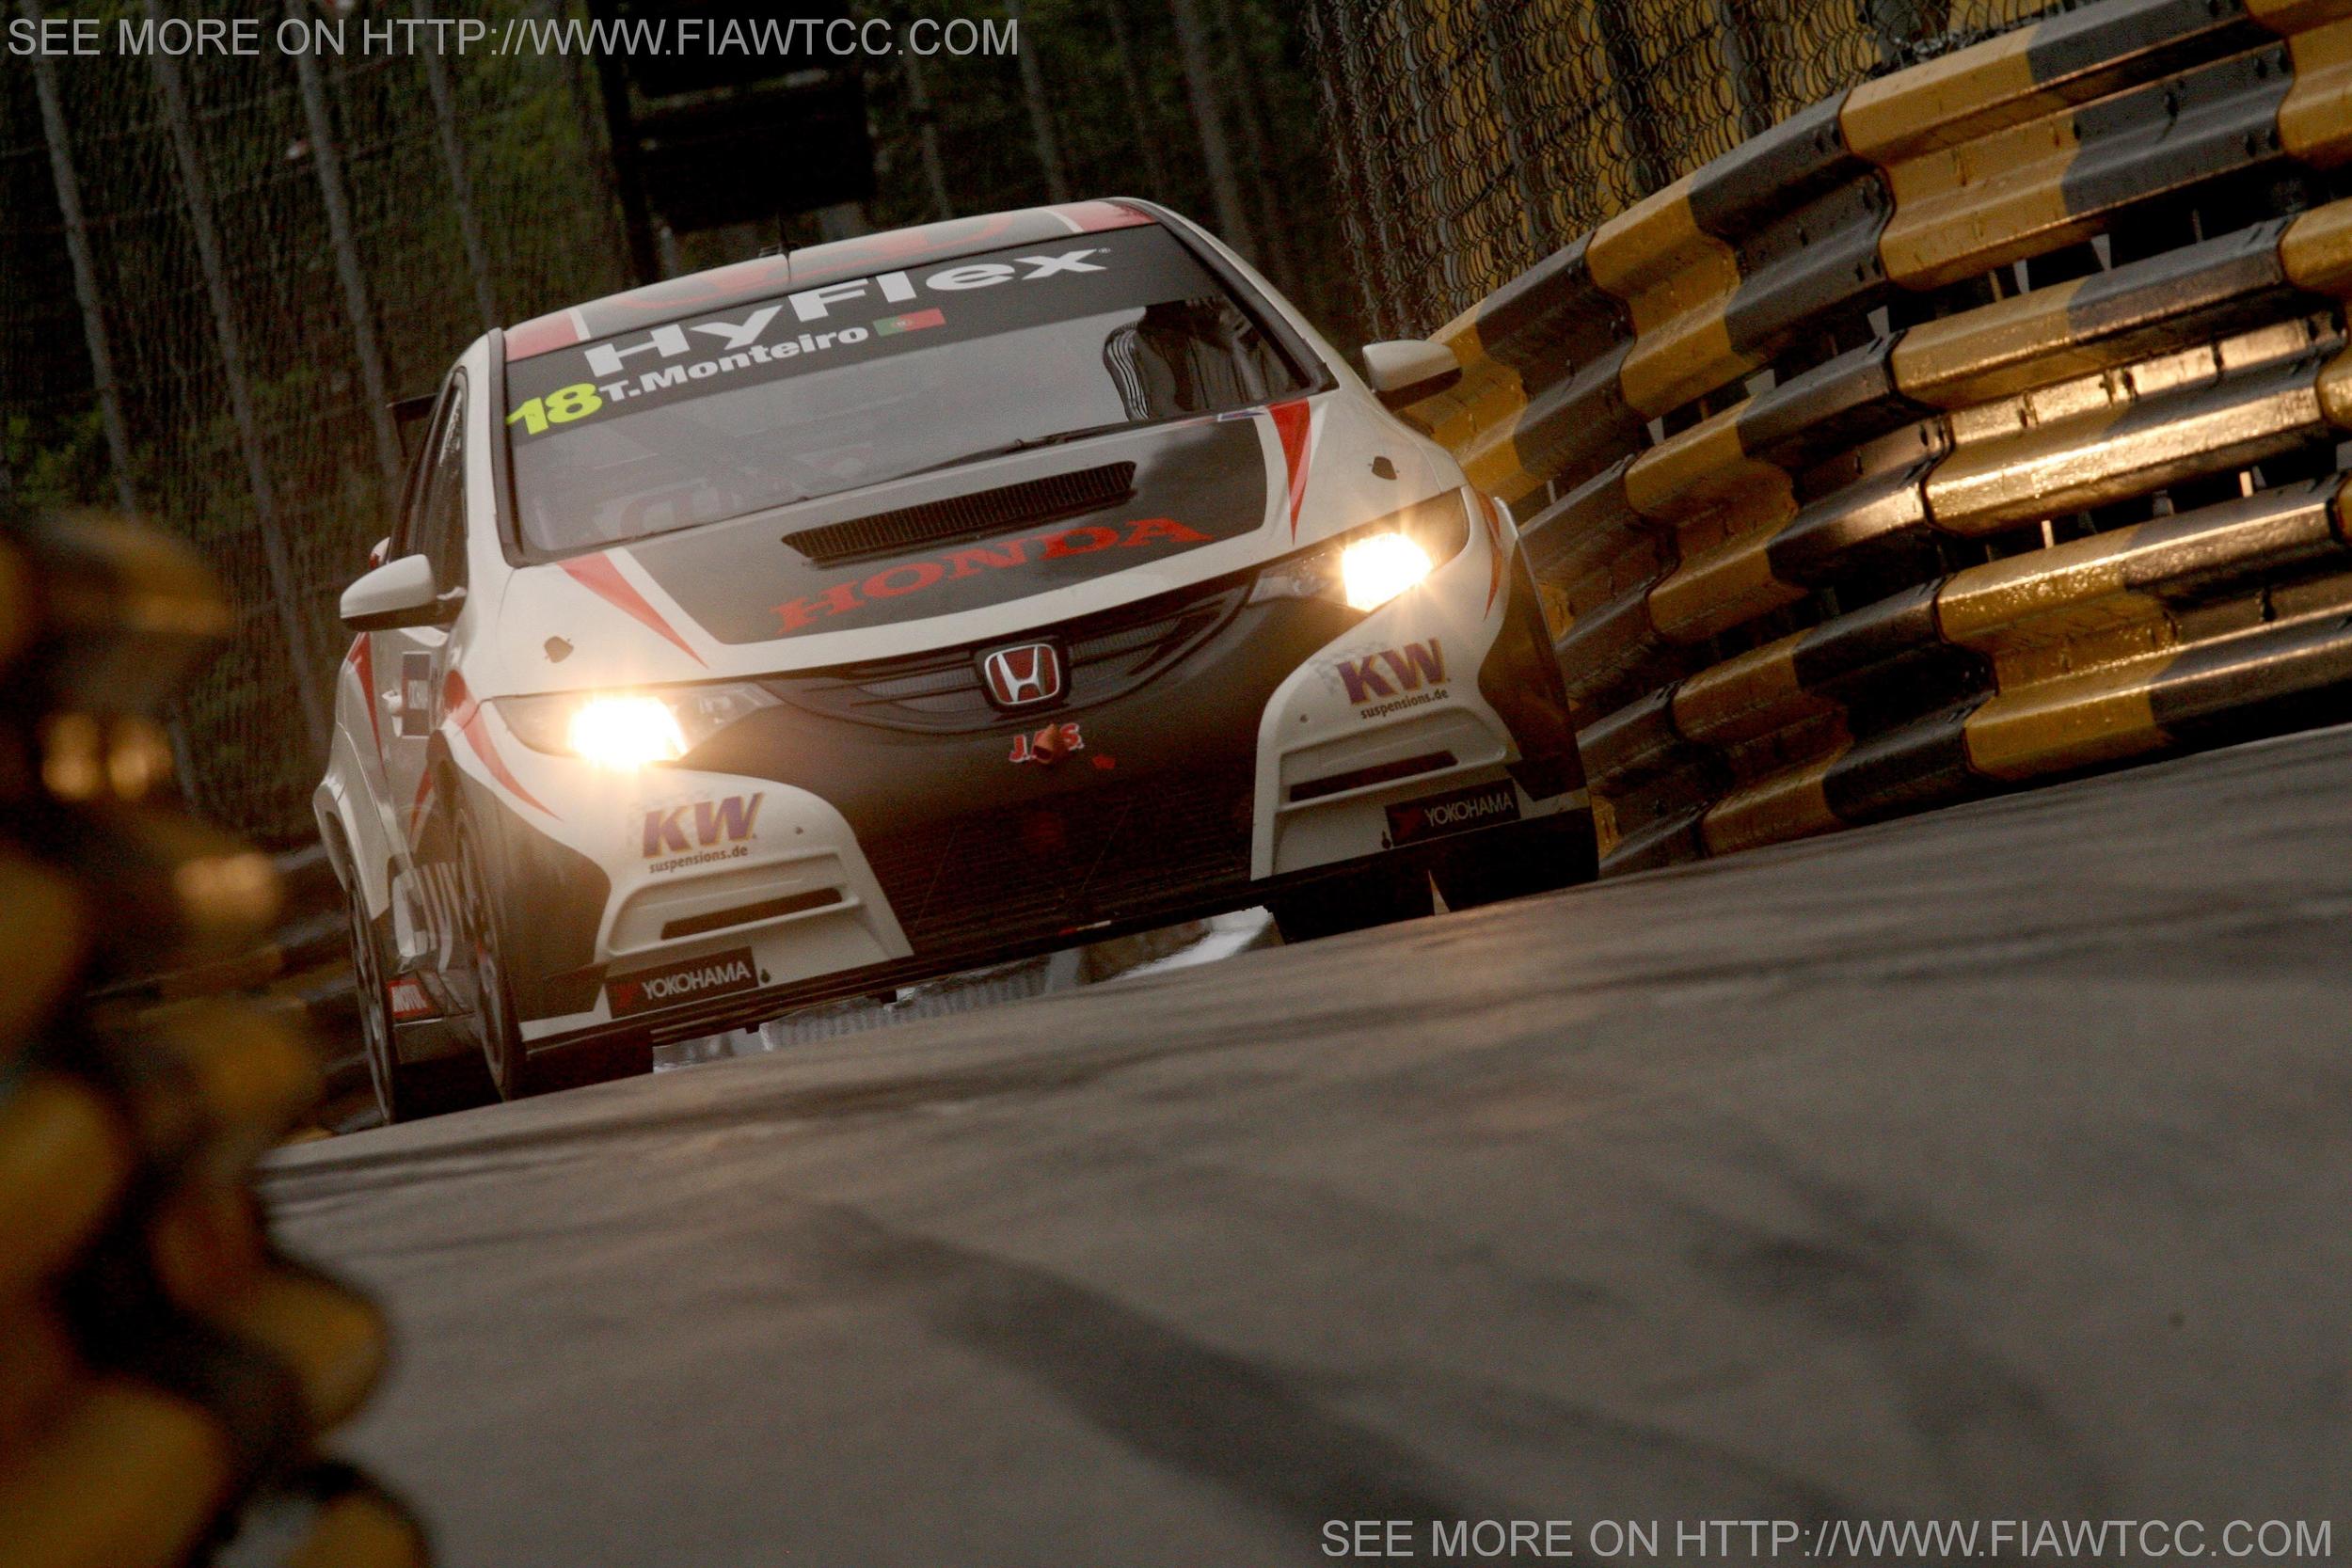 2012 Macau WTCC Grand Prix